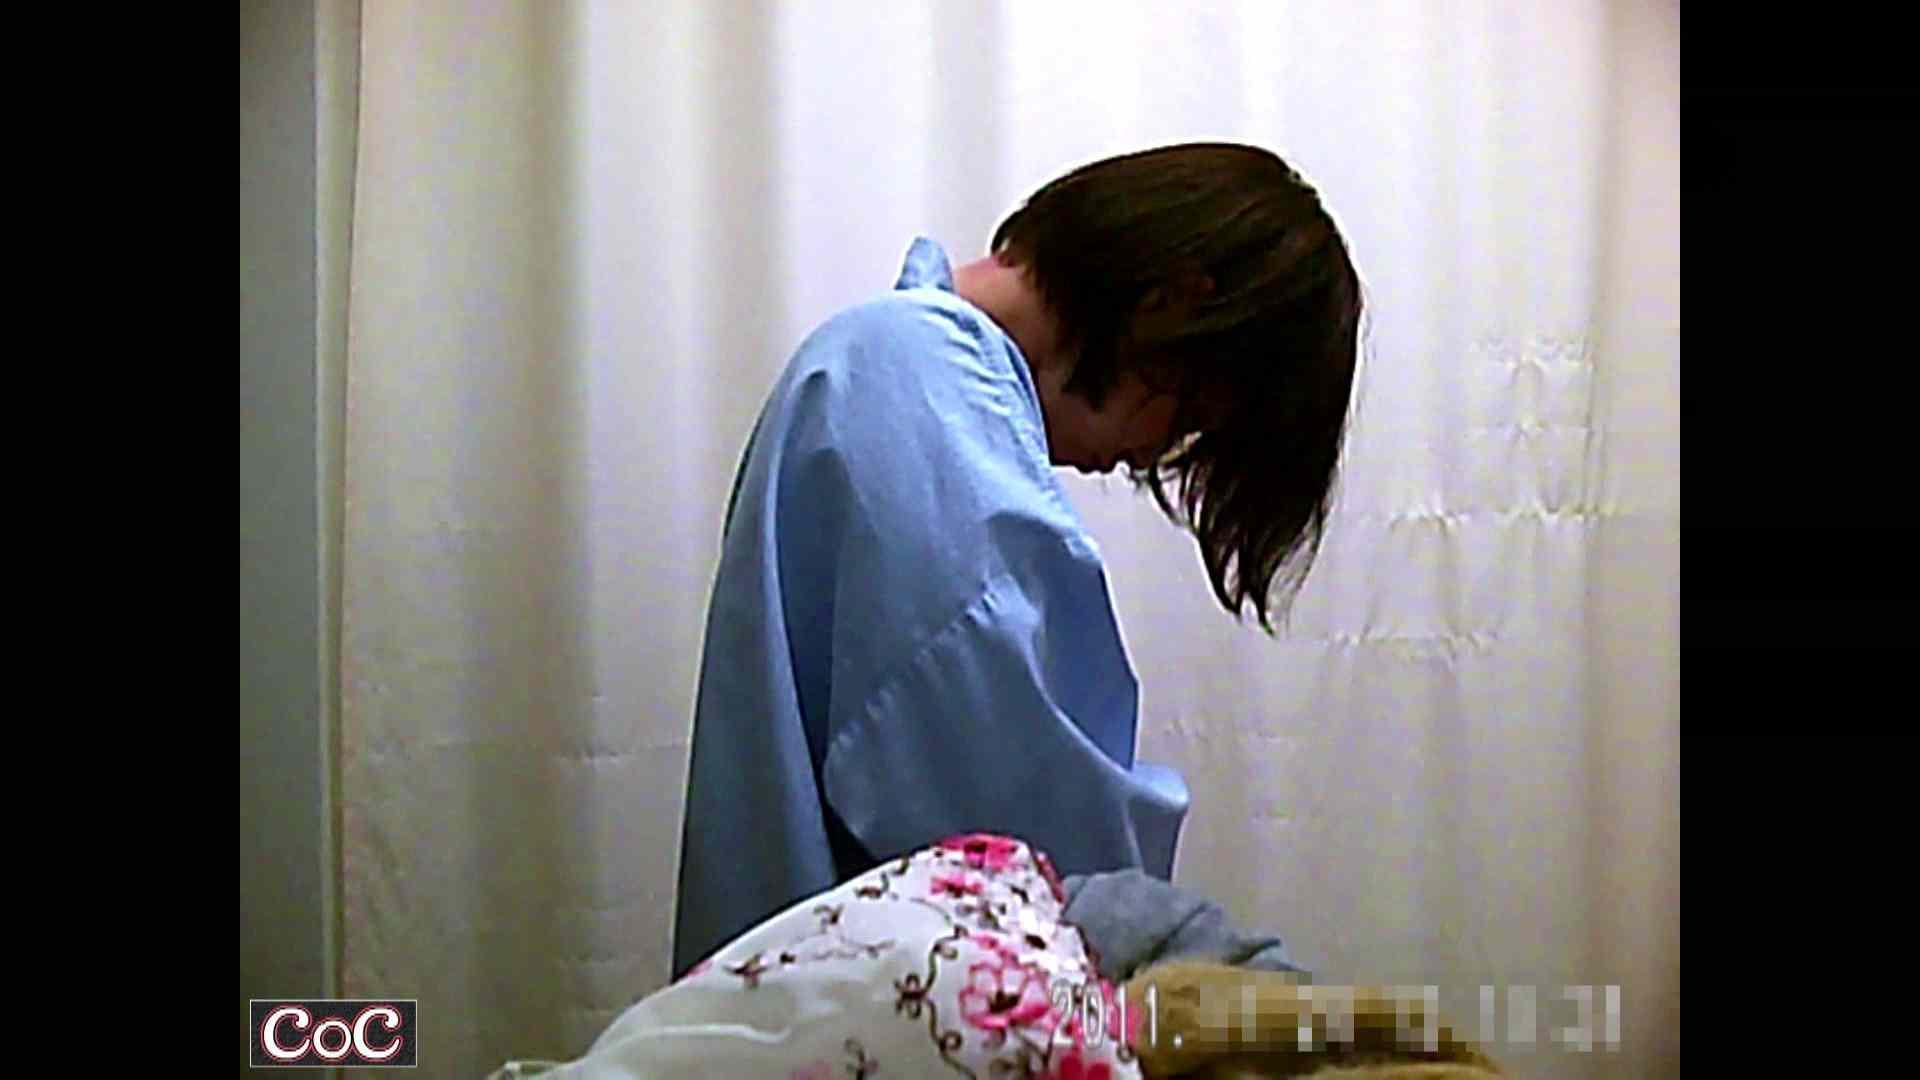 病院おもいっきり着替え! vol.103 すけべなOL 隠し撮りオマンコ動画紹介 109画像 107